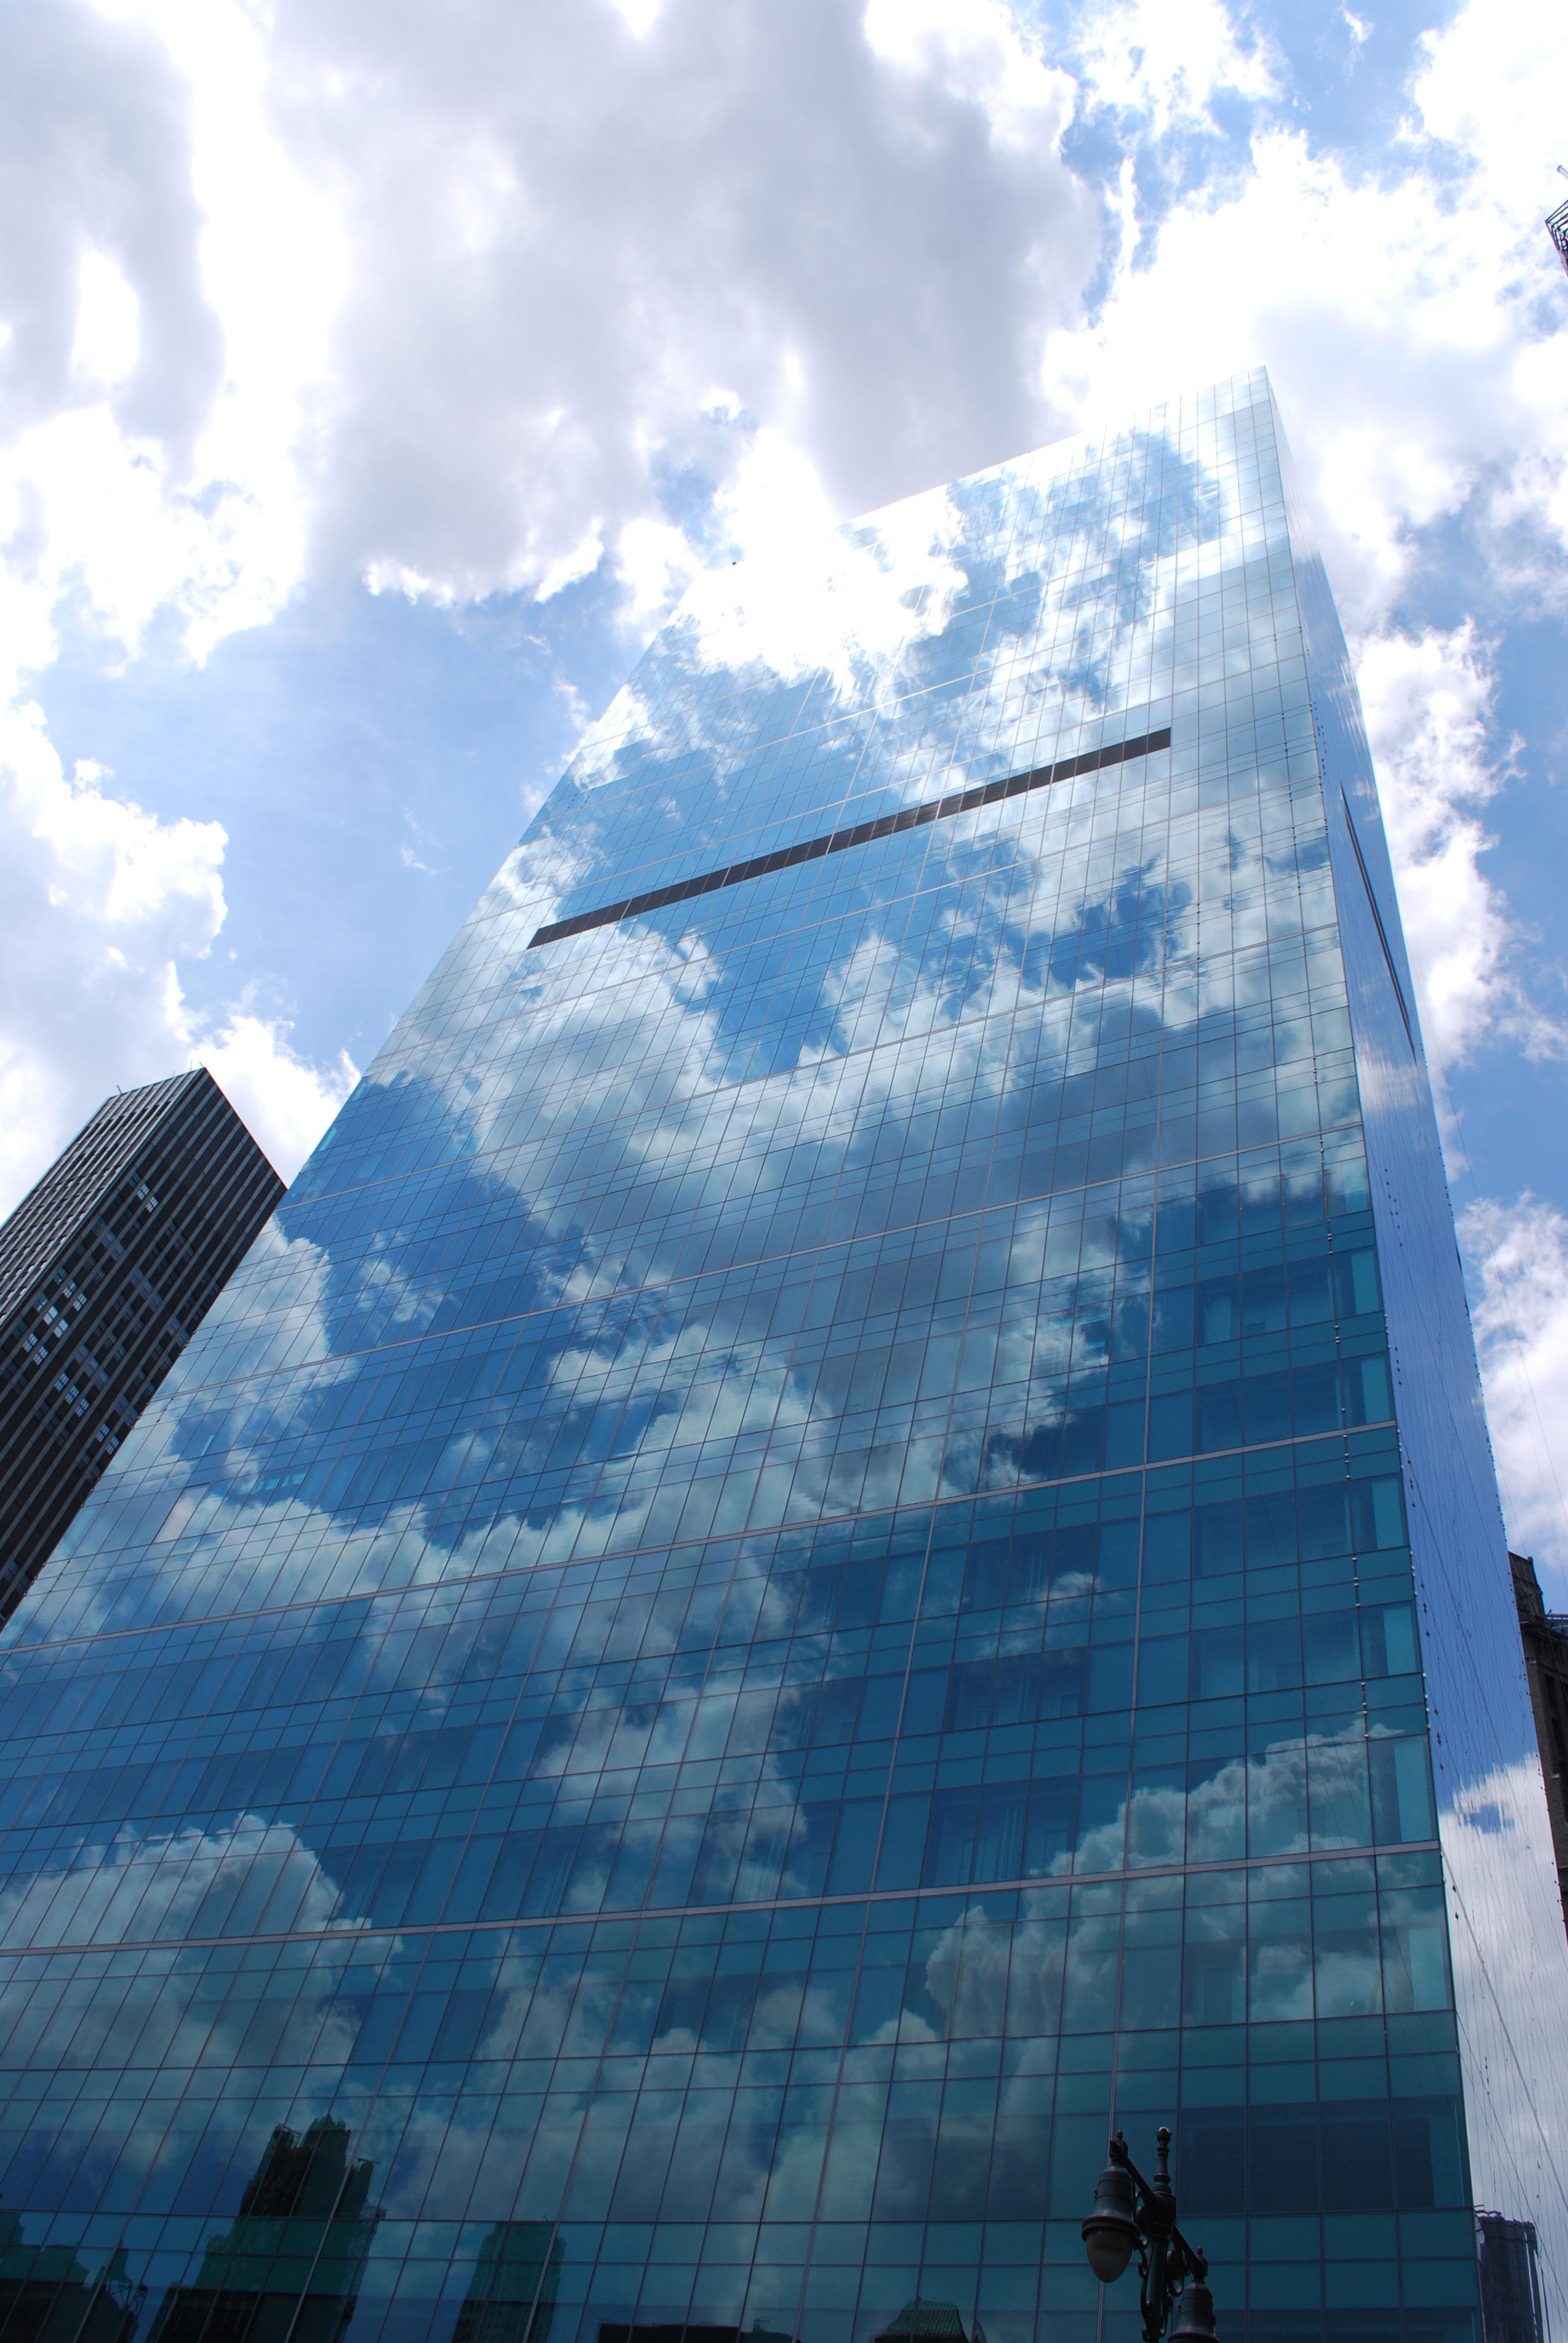 City Cloud | Van Bussel Document Services